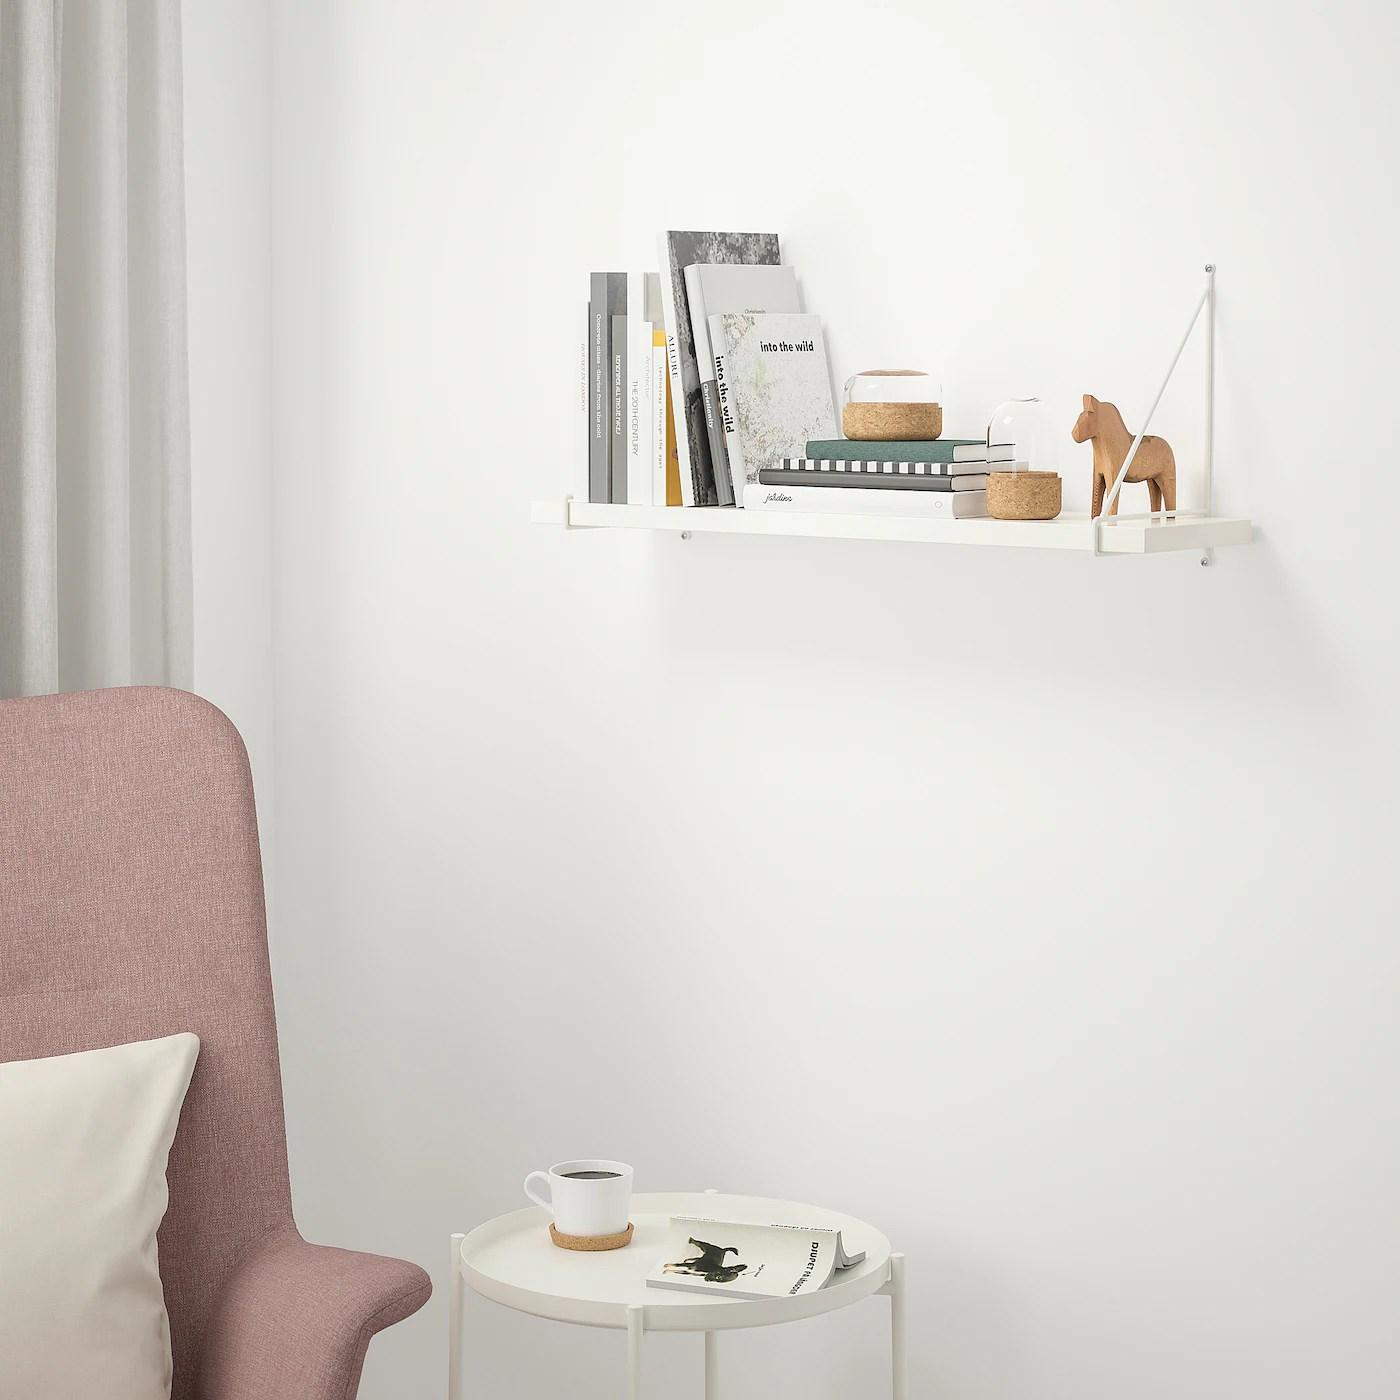 Posizionata sotto una mensola con utensili da cucina giocattolo. Mensole Complete Ikea It